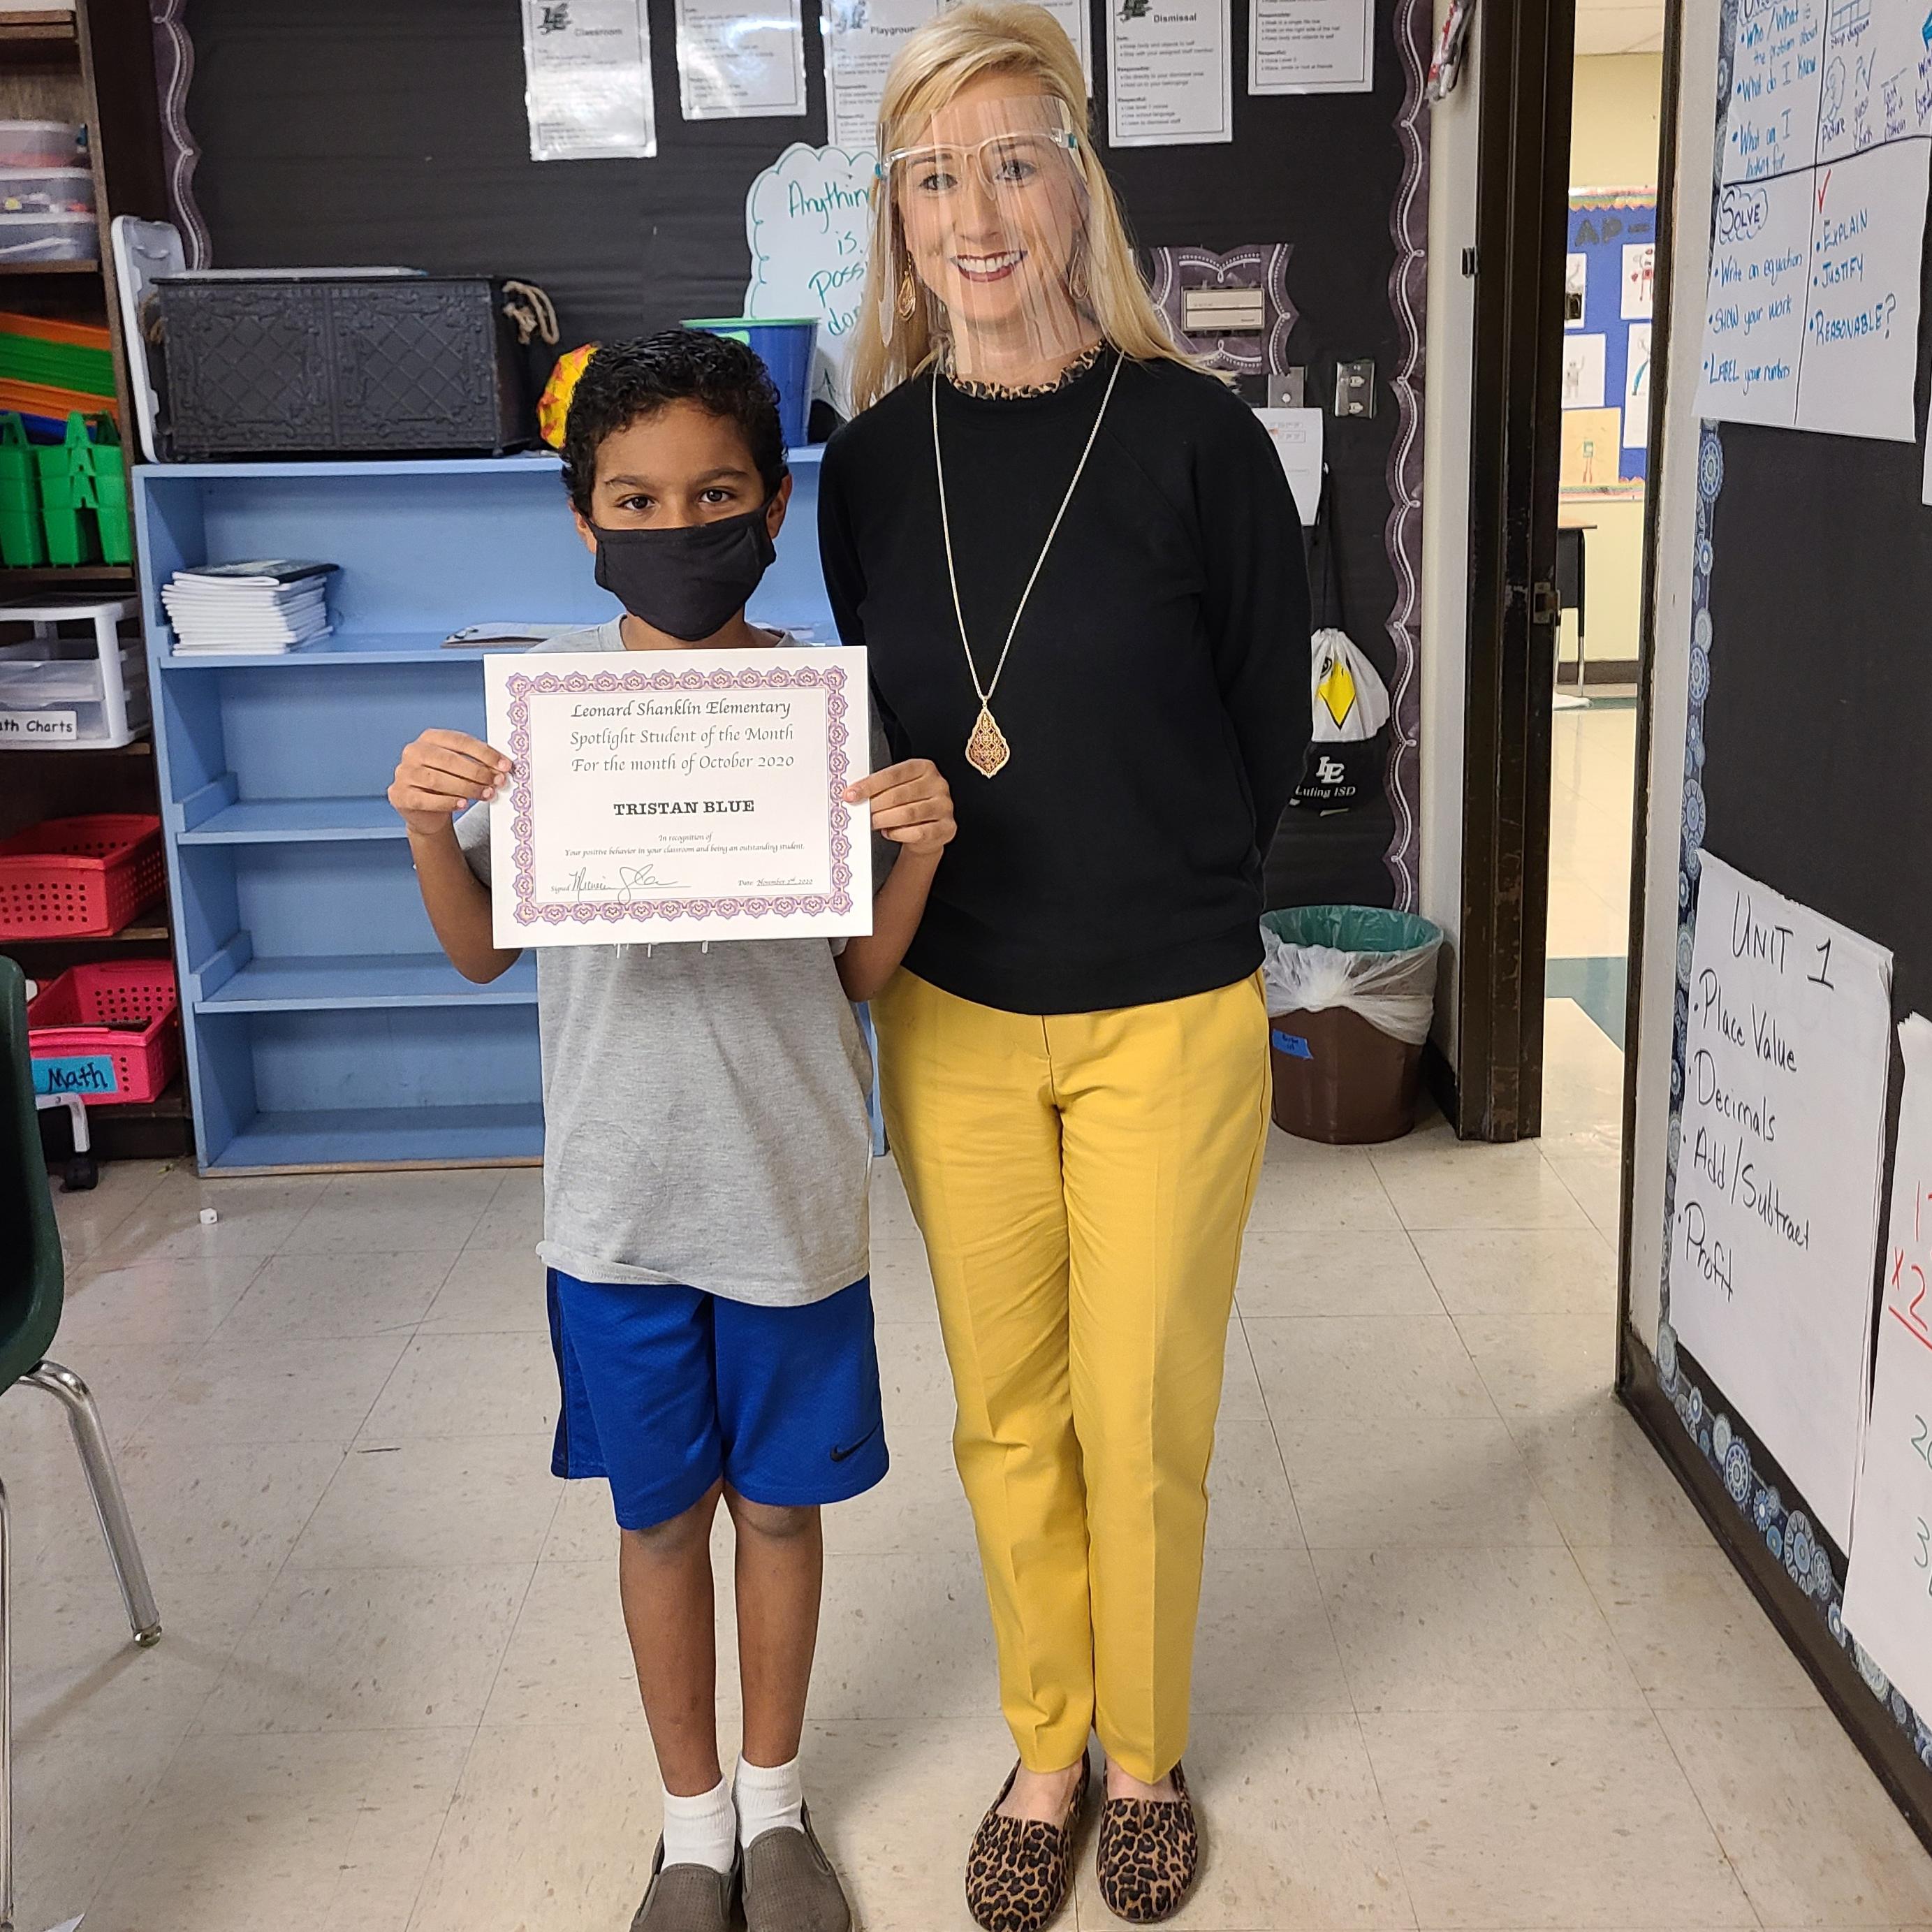 student and principal